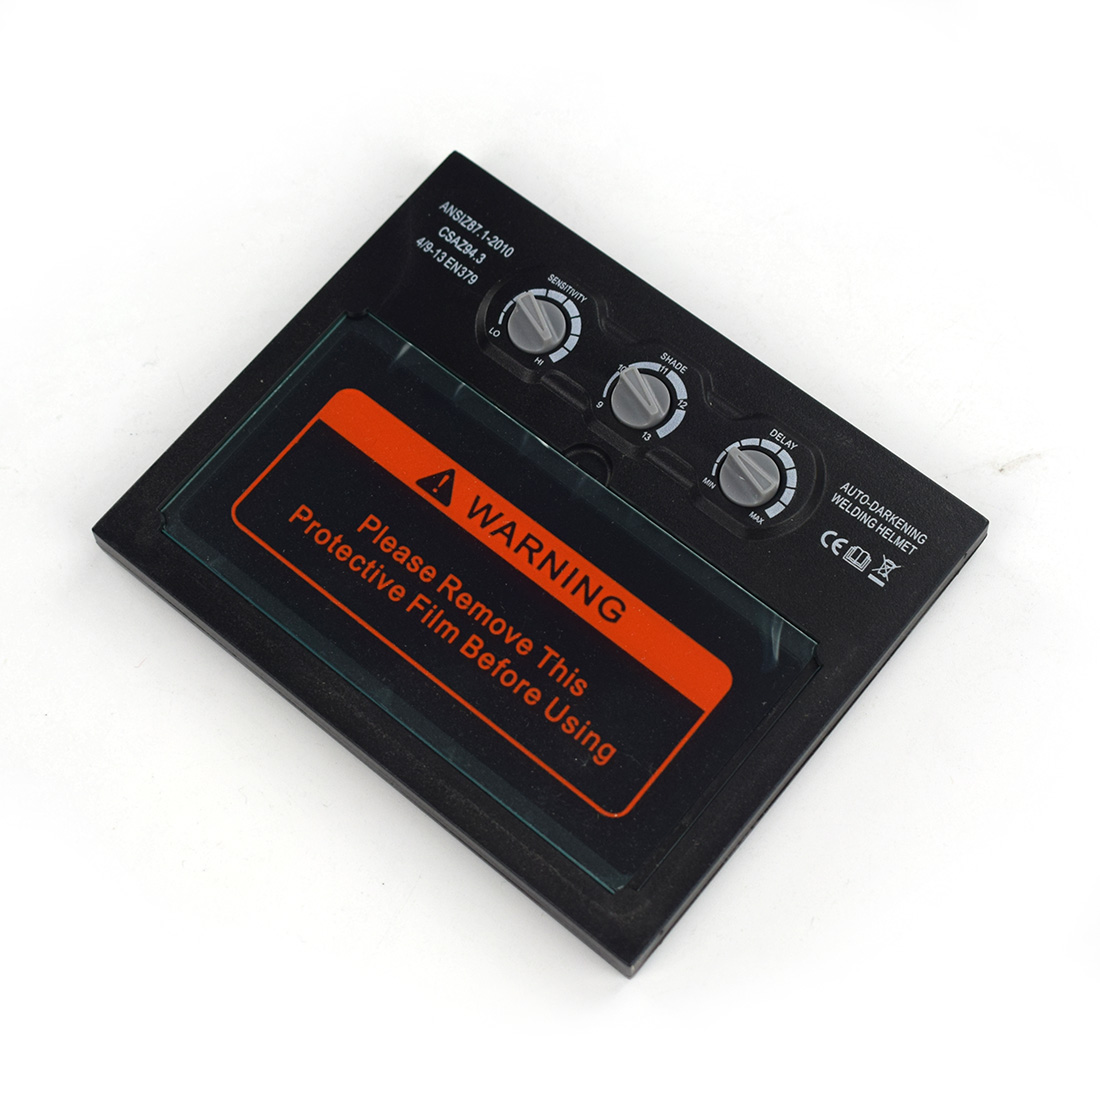 Lithium Battery Solar Auto Darkening/shading Welding Filter Lens For The Welding Mask And Helmet Welding Mask Glass